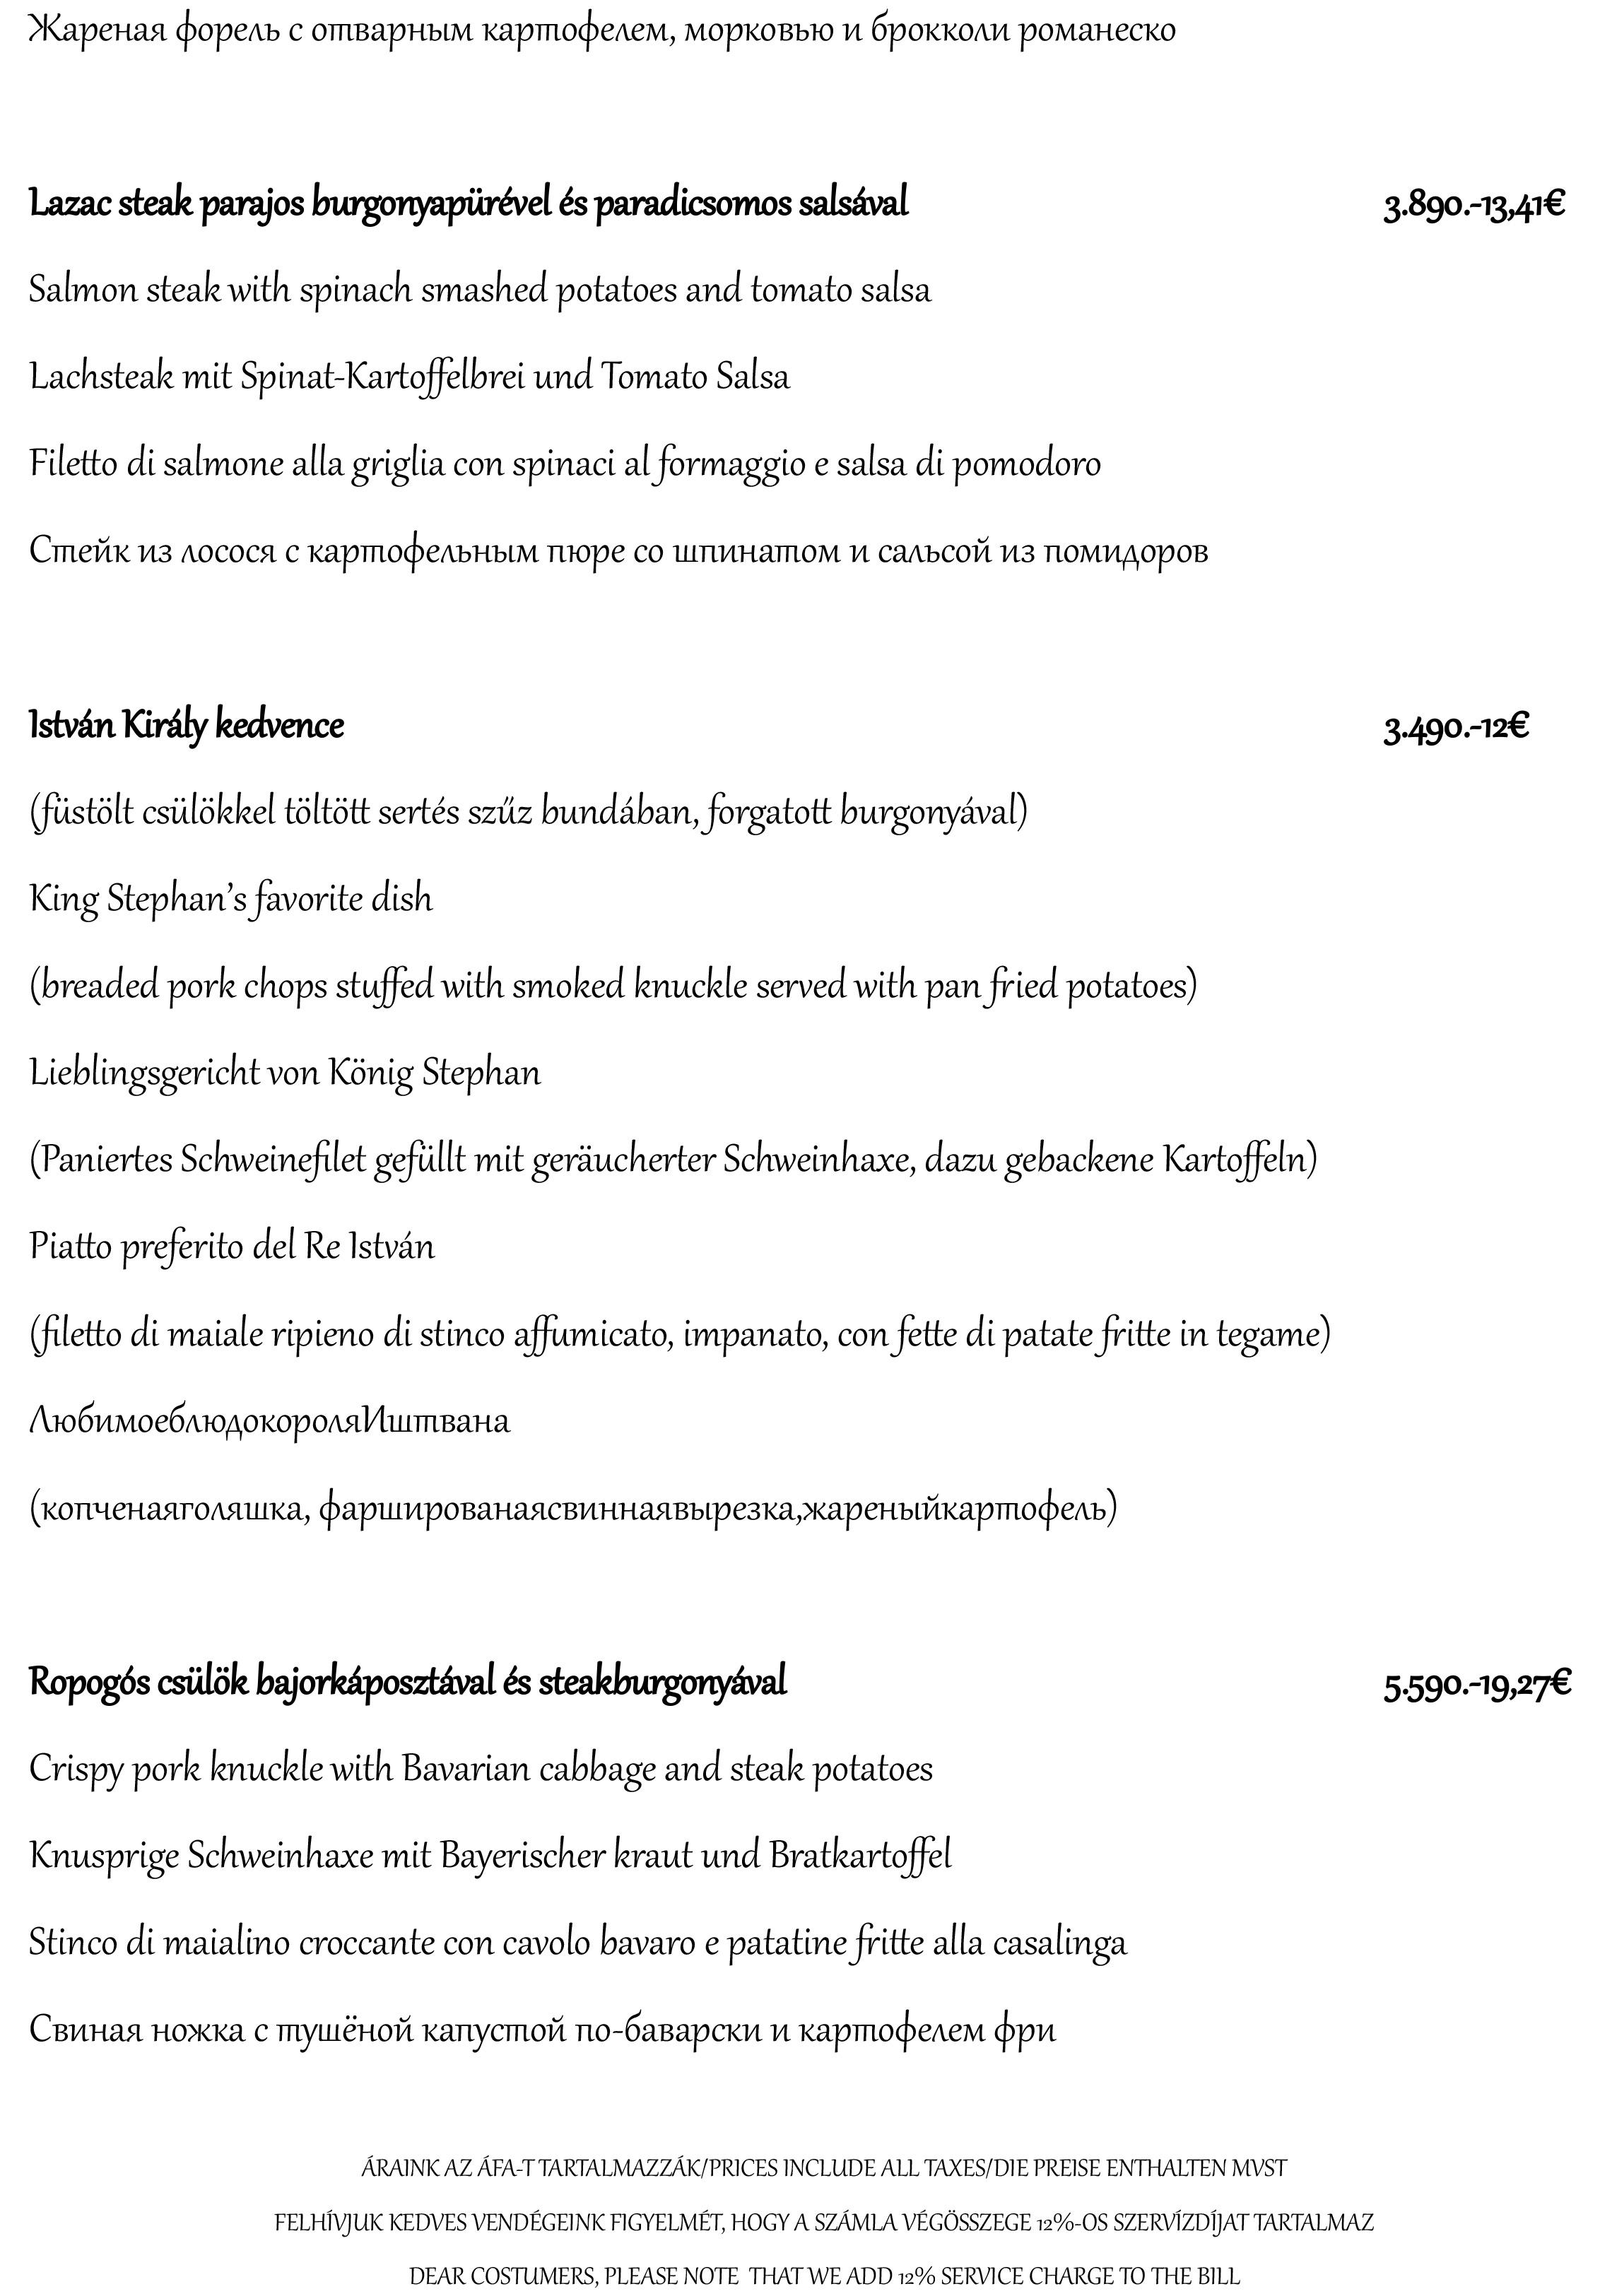 api-étlap-javítás-alatt-4